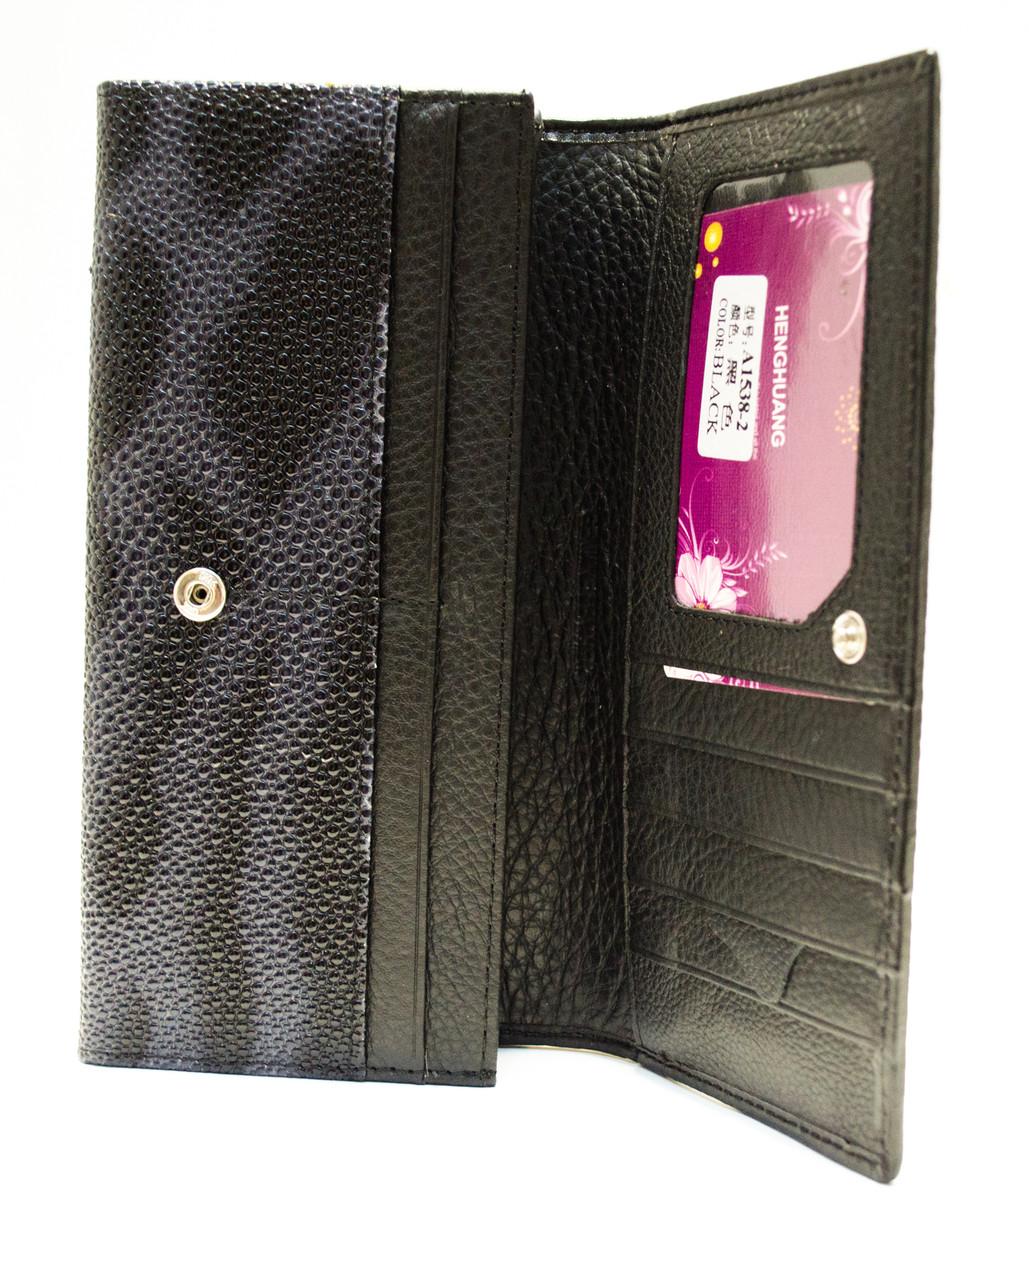 ef923302192f Стильный женский кошелек в темных тонах с внешней монетницей имитирующий  кожу ската в (12422), цена 647 грн., купить в Киеве — Prom.ua (ID#445628002)